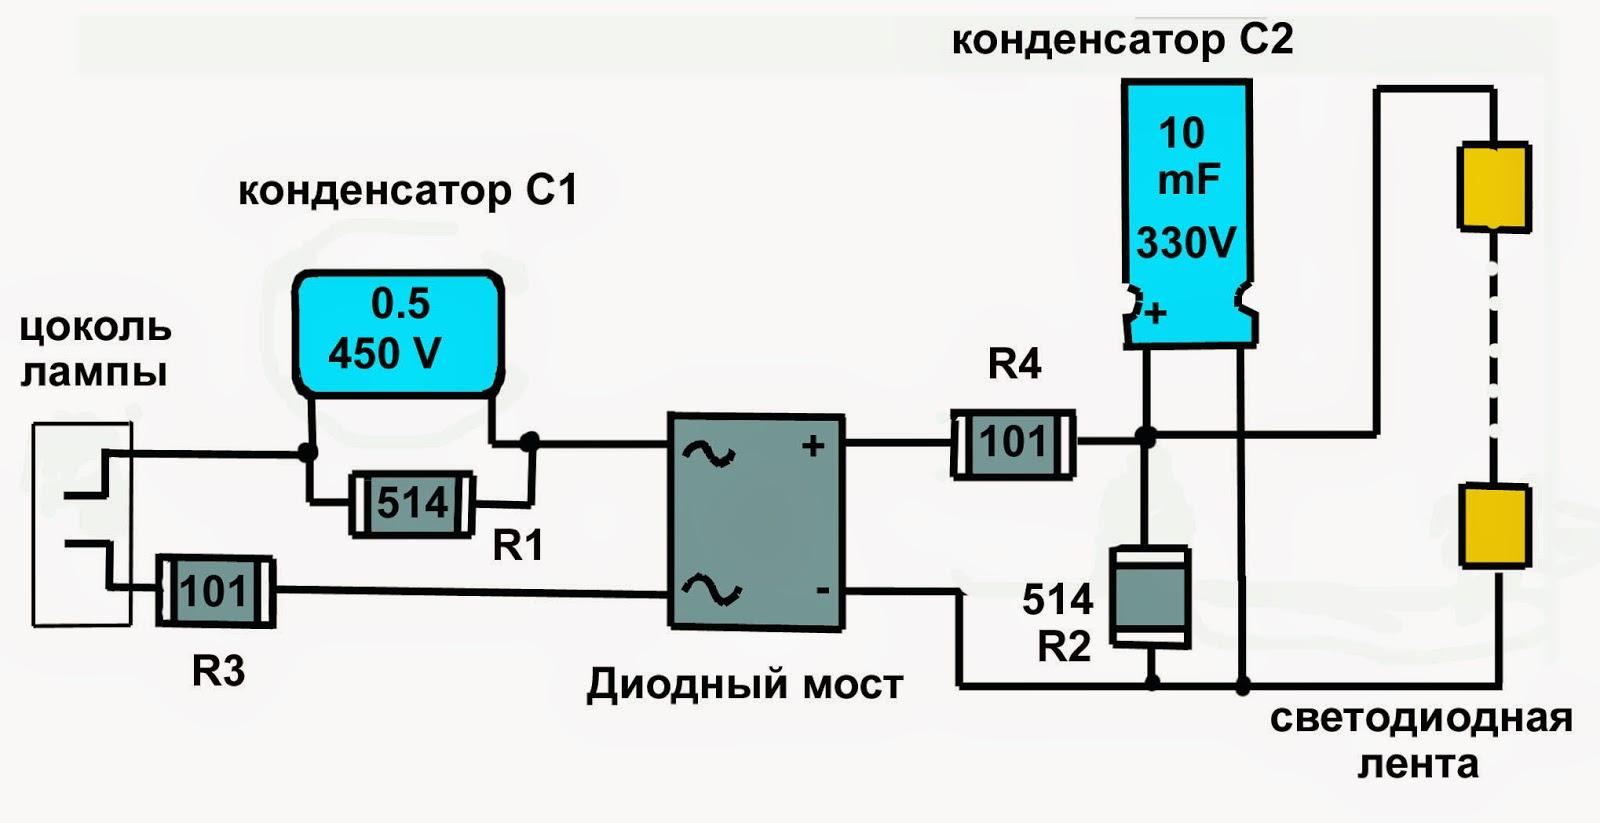 Монтажная схема светодиодной лампы